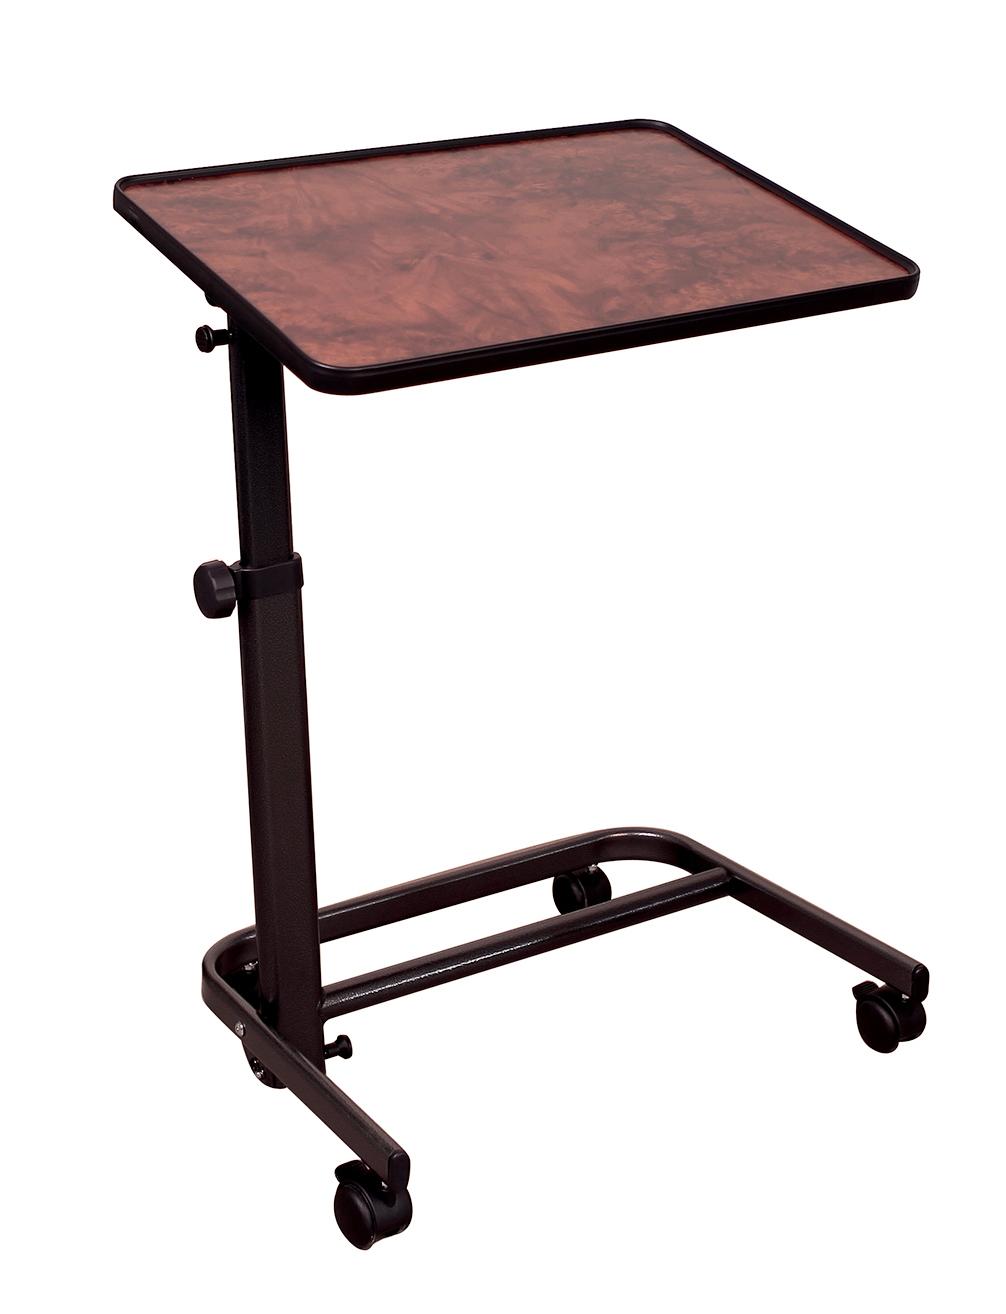 table de lit herdegen 60x40 dcor ronce de noyer - Table De Lit